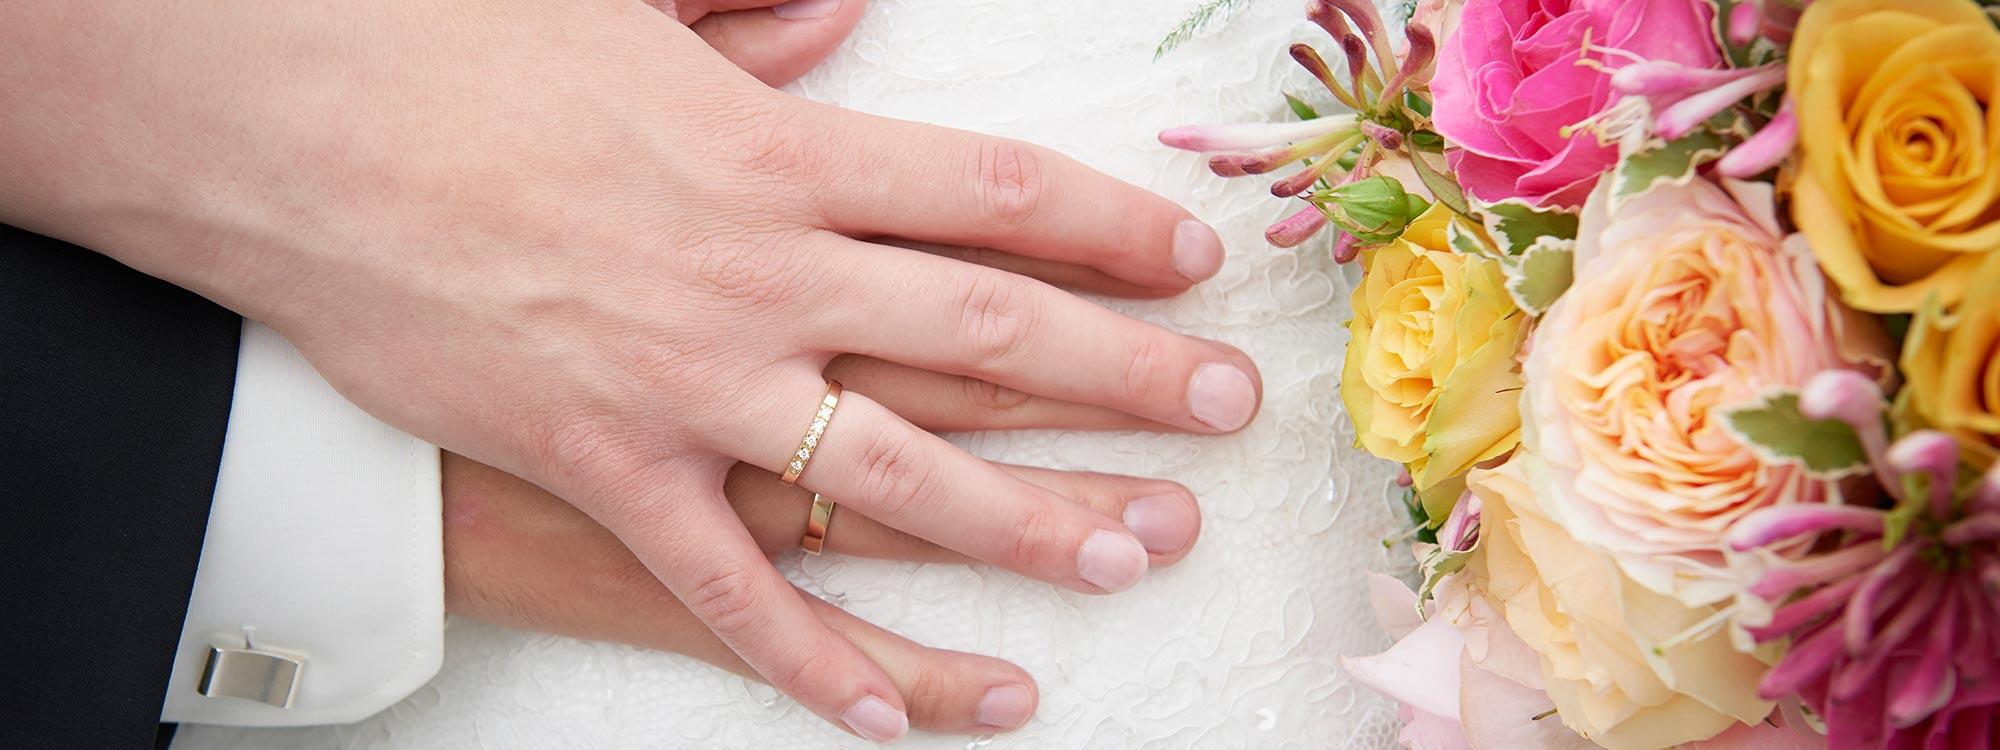 Bryllupsbillede af brudepars hænder